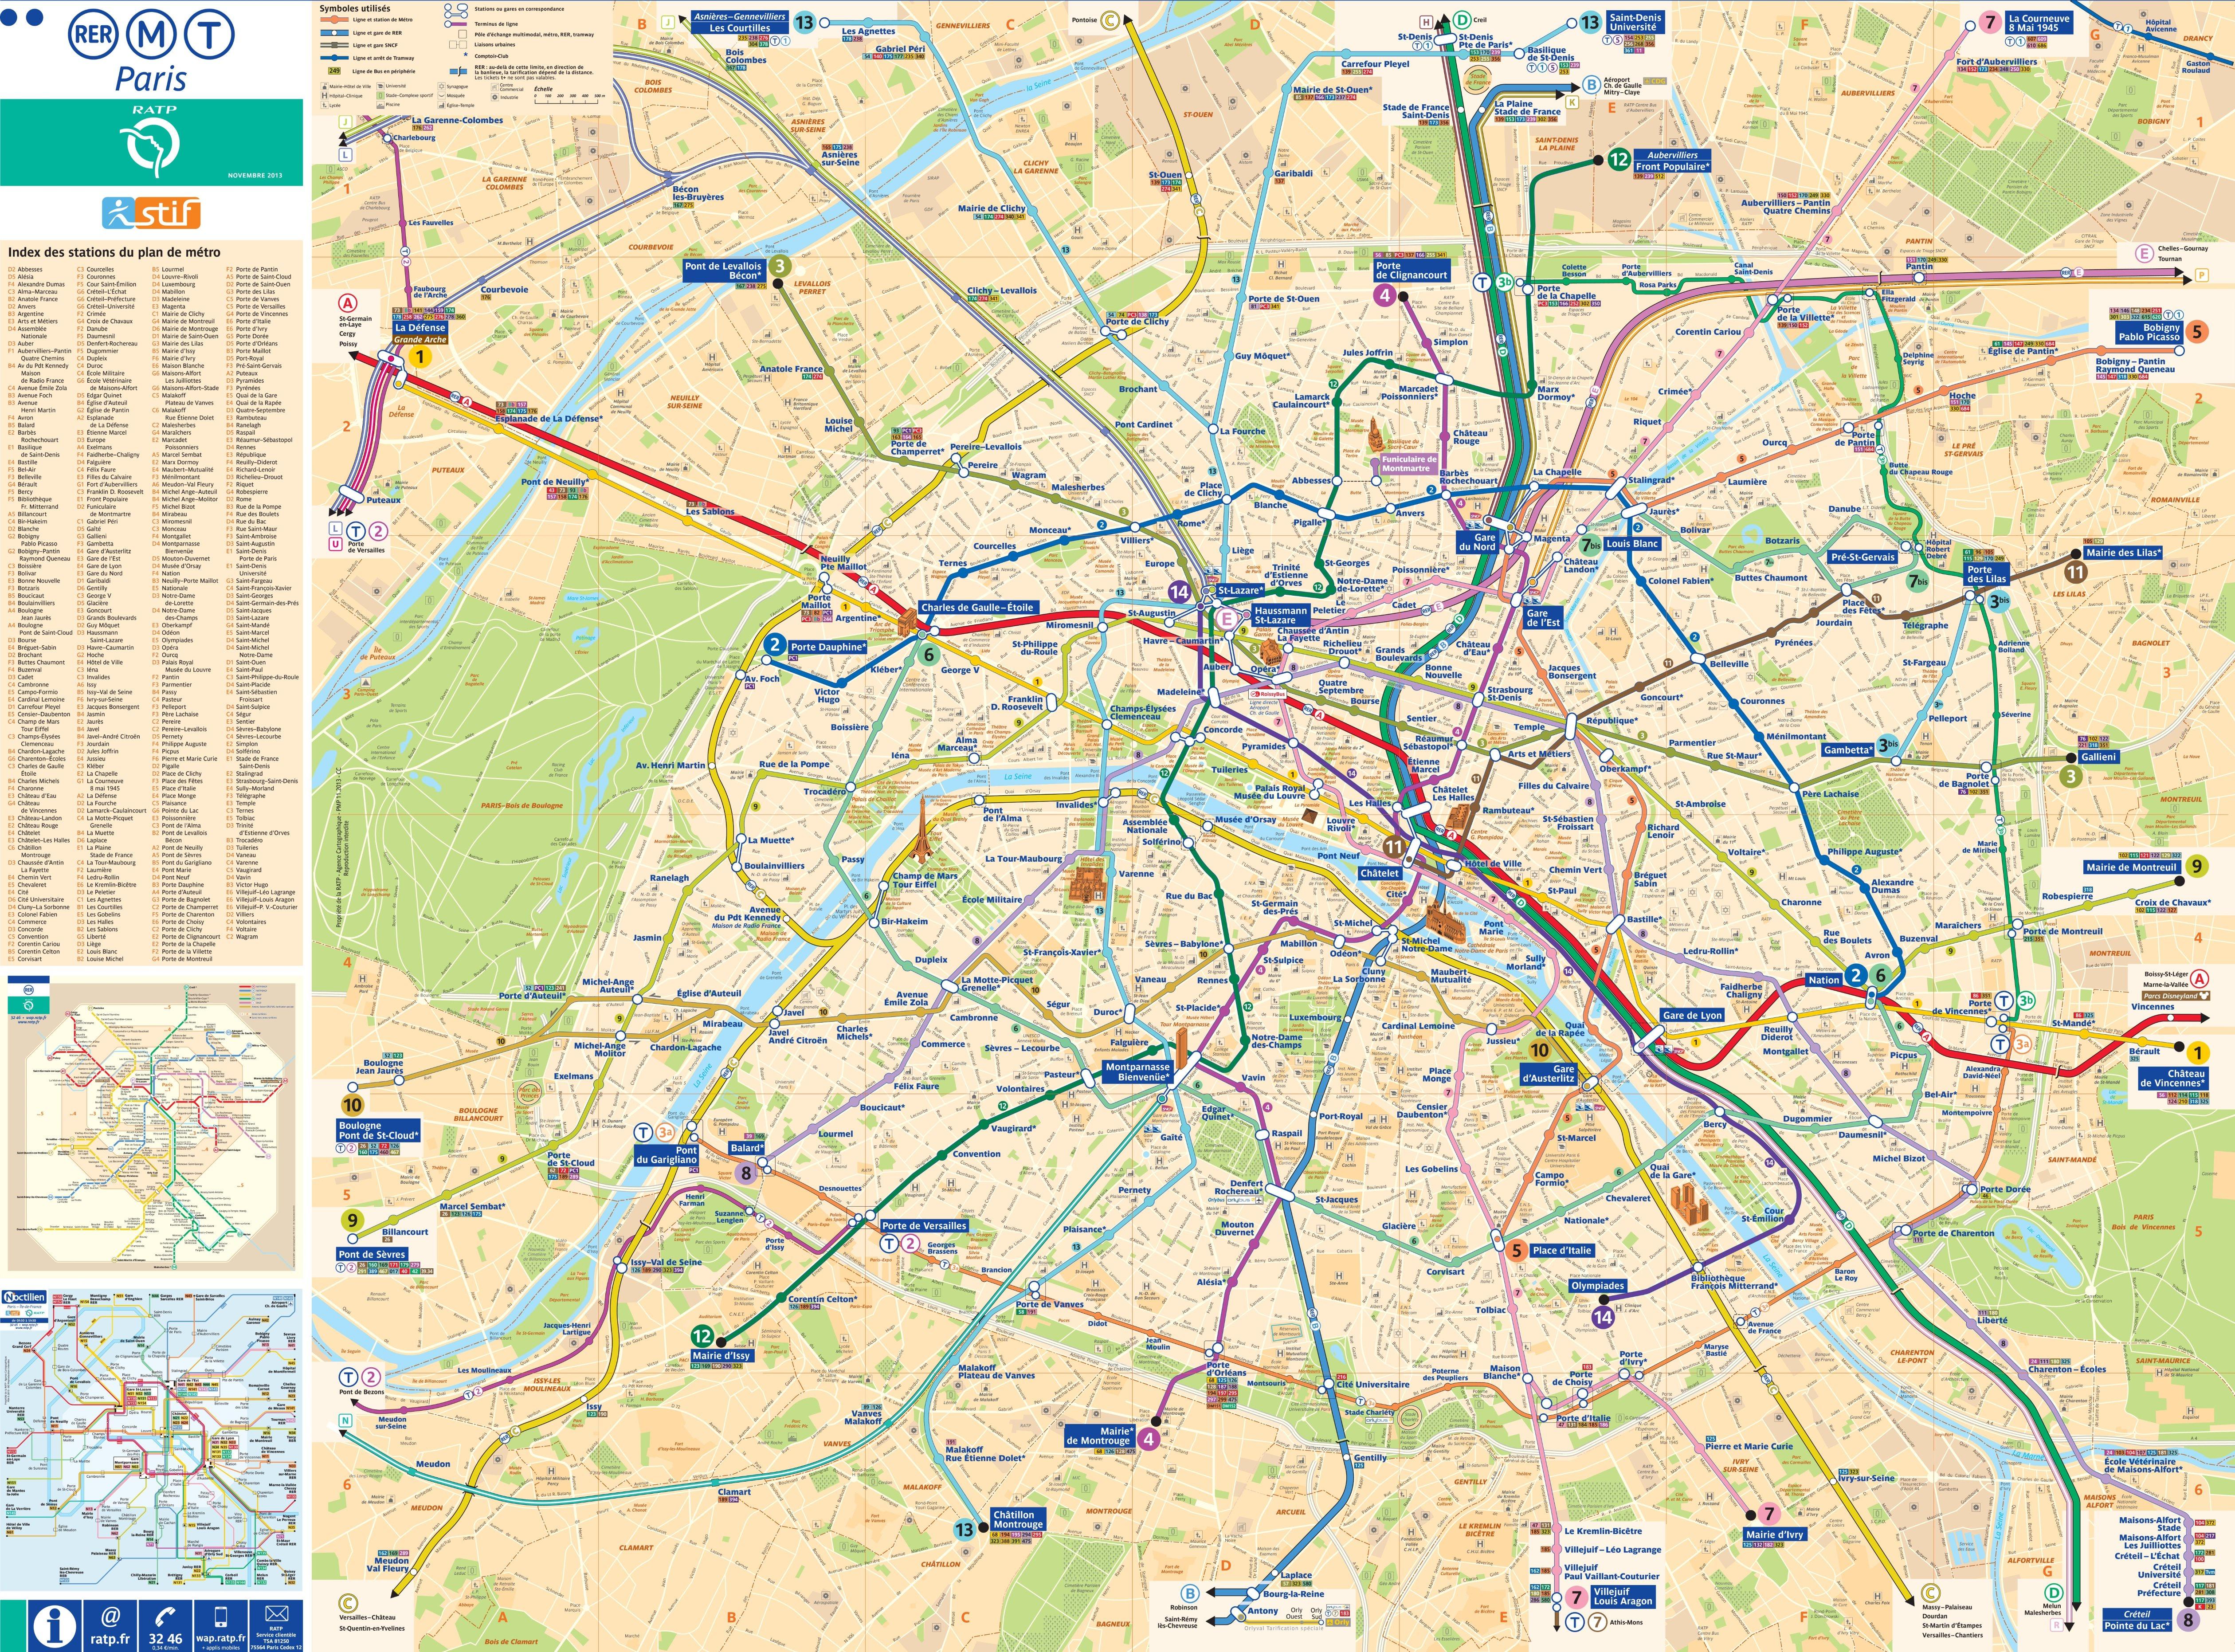 Paris Maps | France | Maps Of Paris - Printable Map Of Paris Attractions